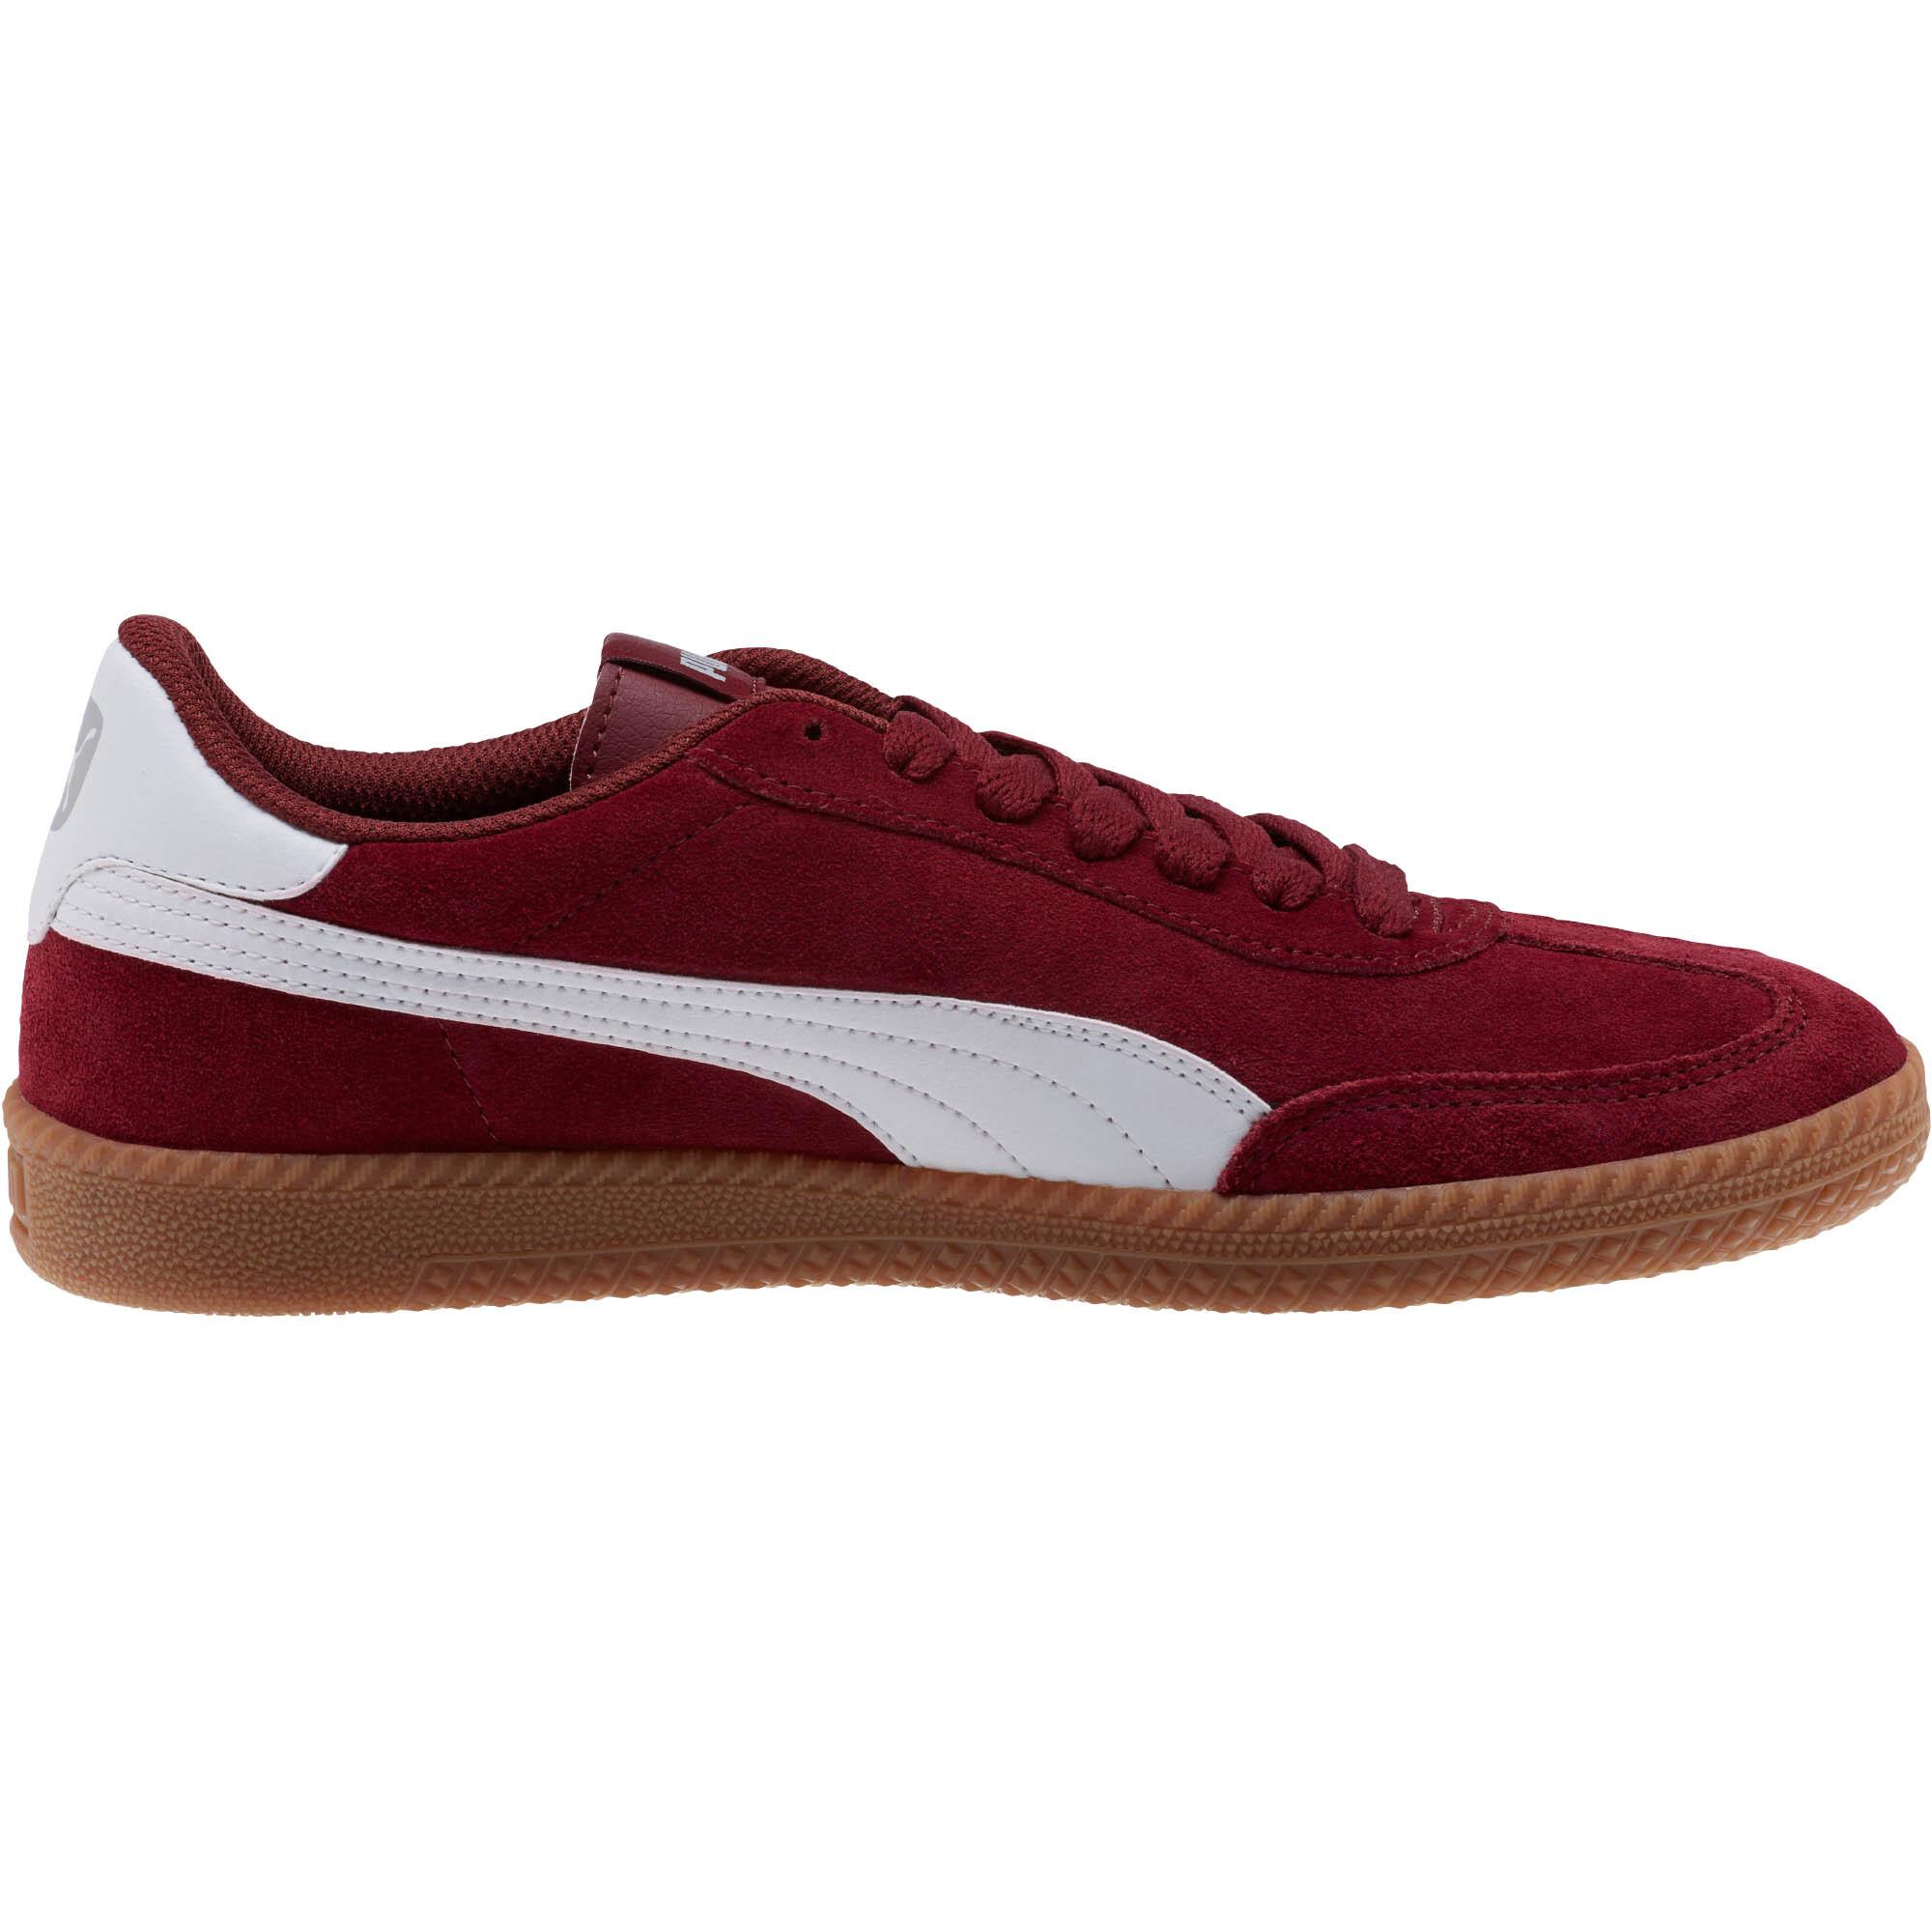 PUMA-Astro-Cup-Suede-Men-039-s-Sneakers-Men-Shoe-Basics thumbnail 18